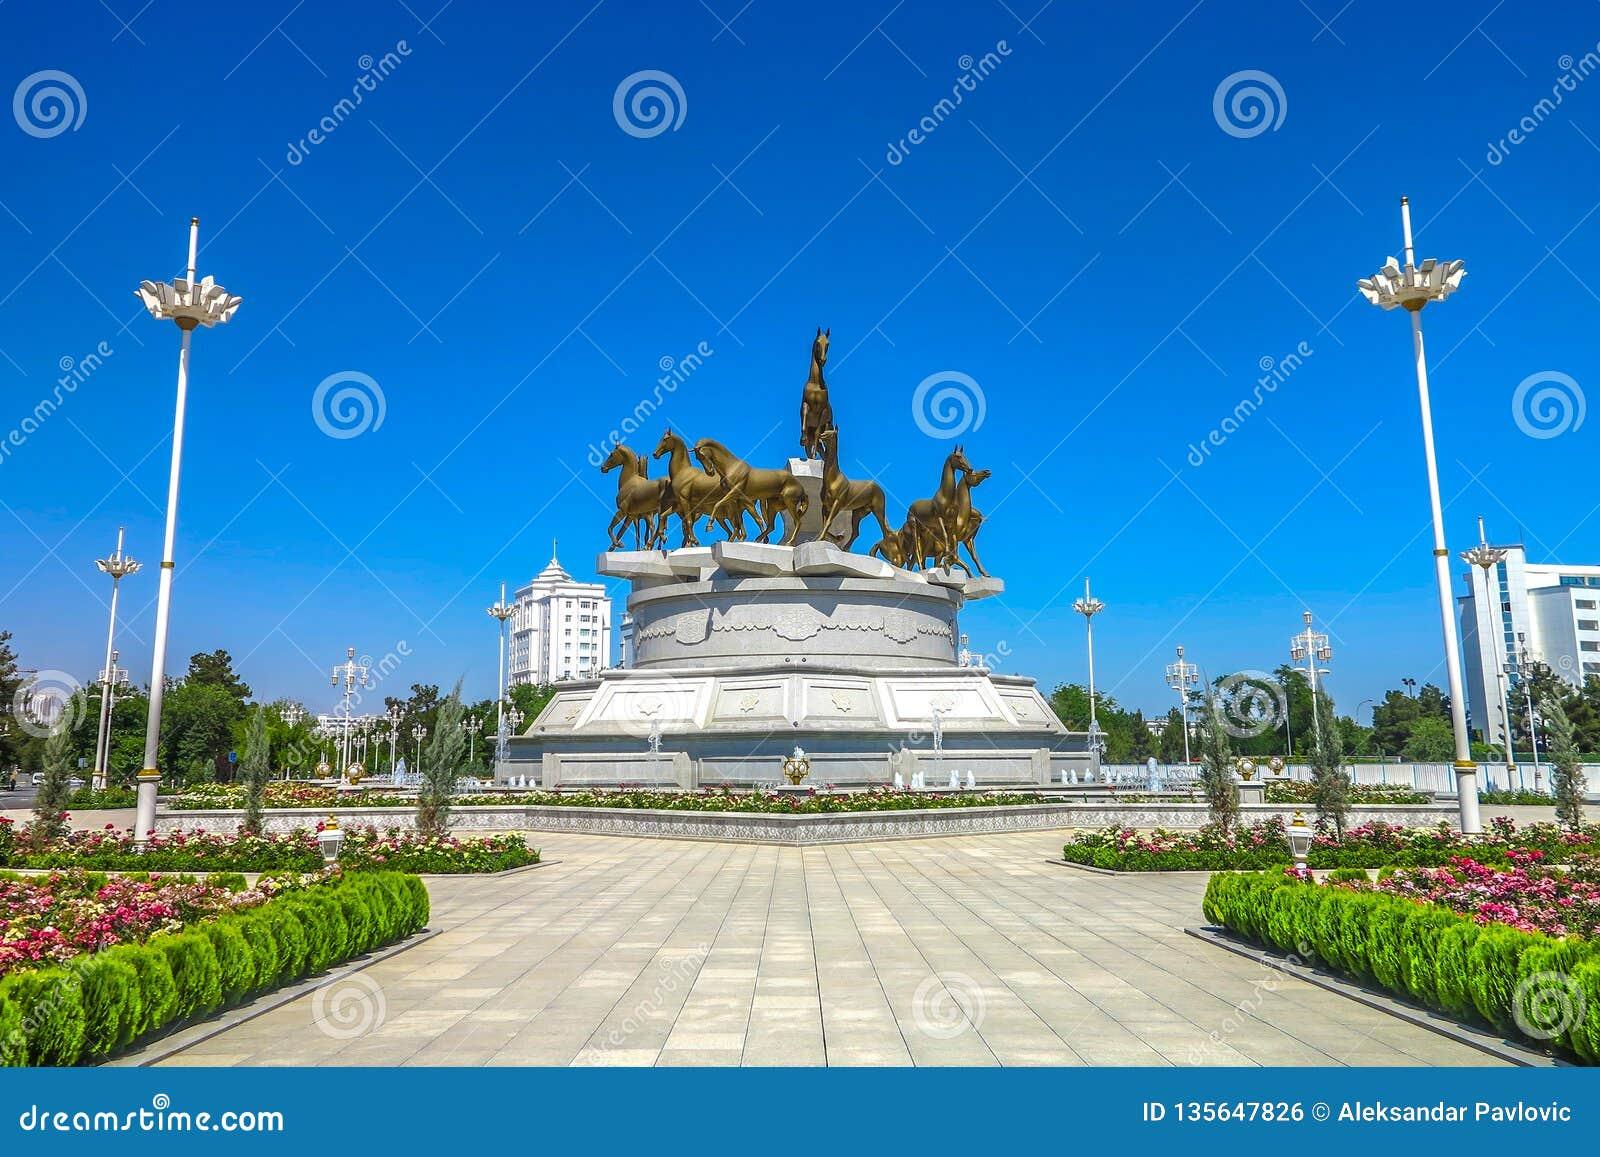 Achgabat Turkménistan Akhal Teke 03